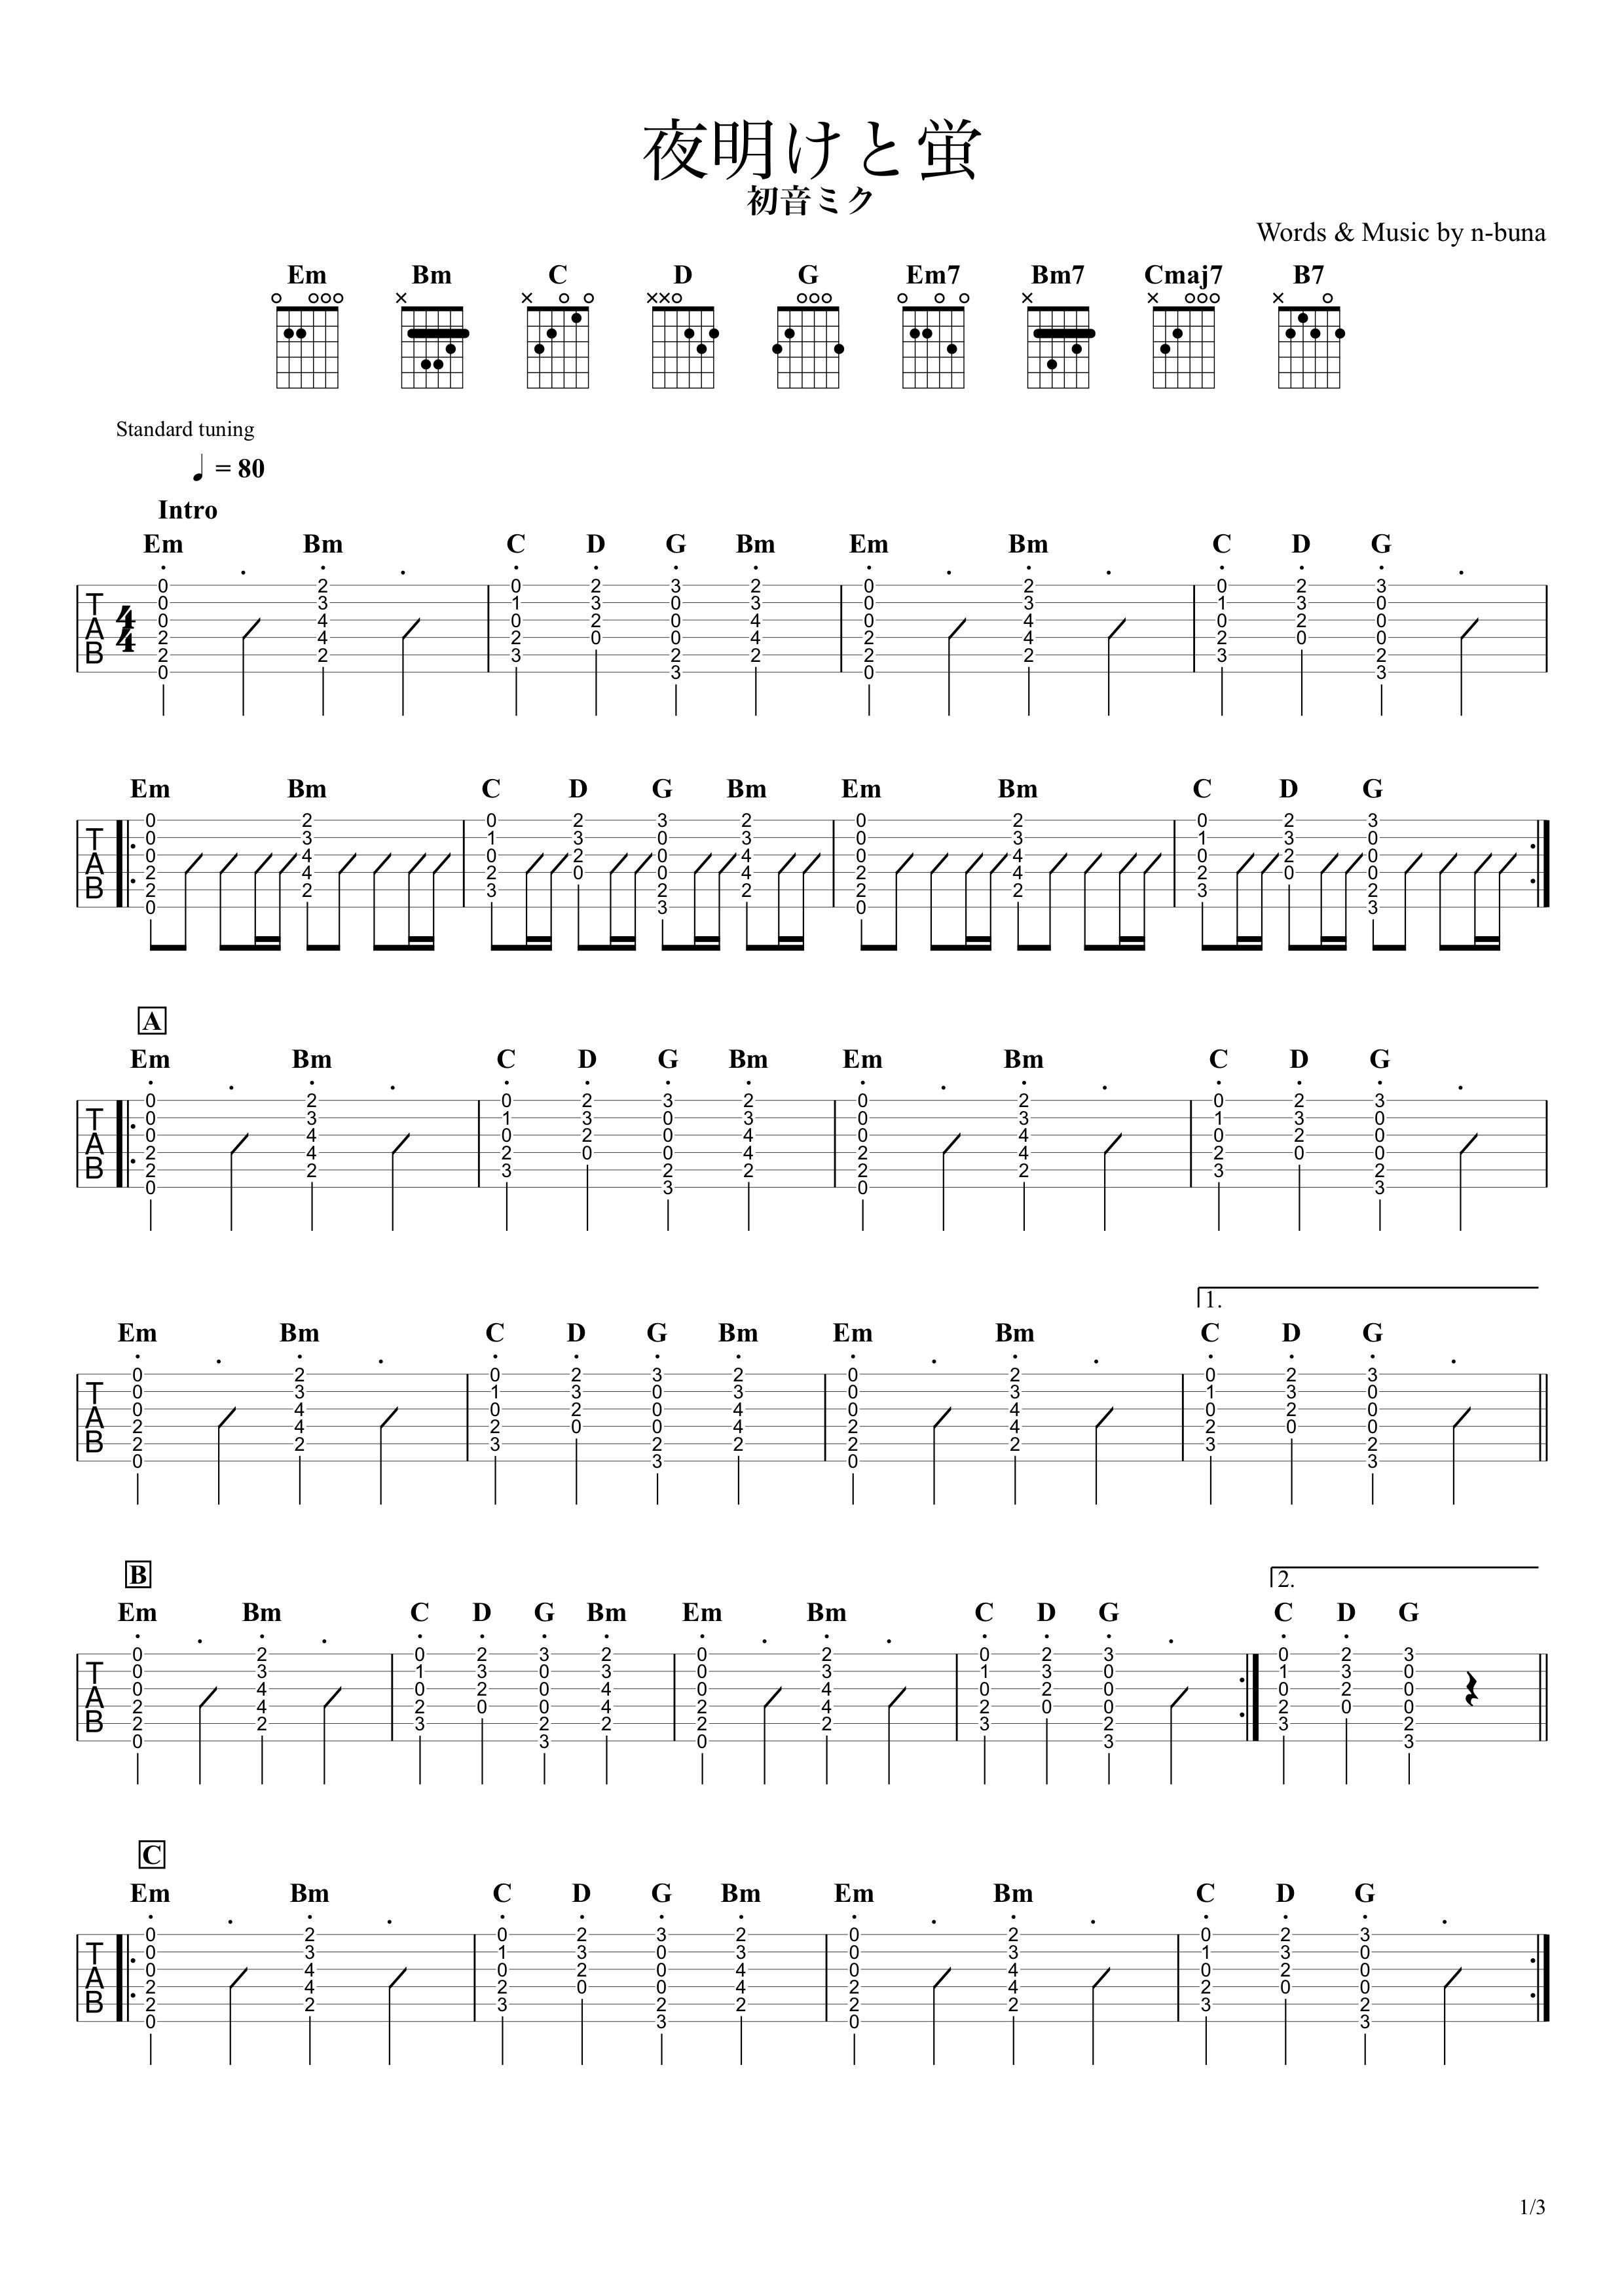 夜明けと蛍/初音ミク(n-buna) ギタータブ譜 コードストロークとアルペジオで弾くVer.01